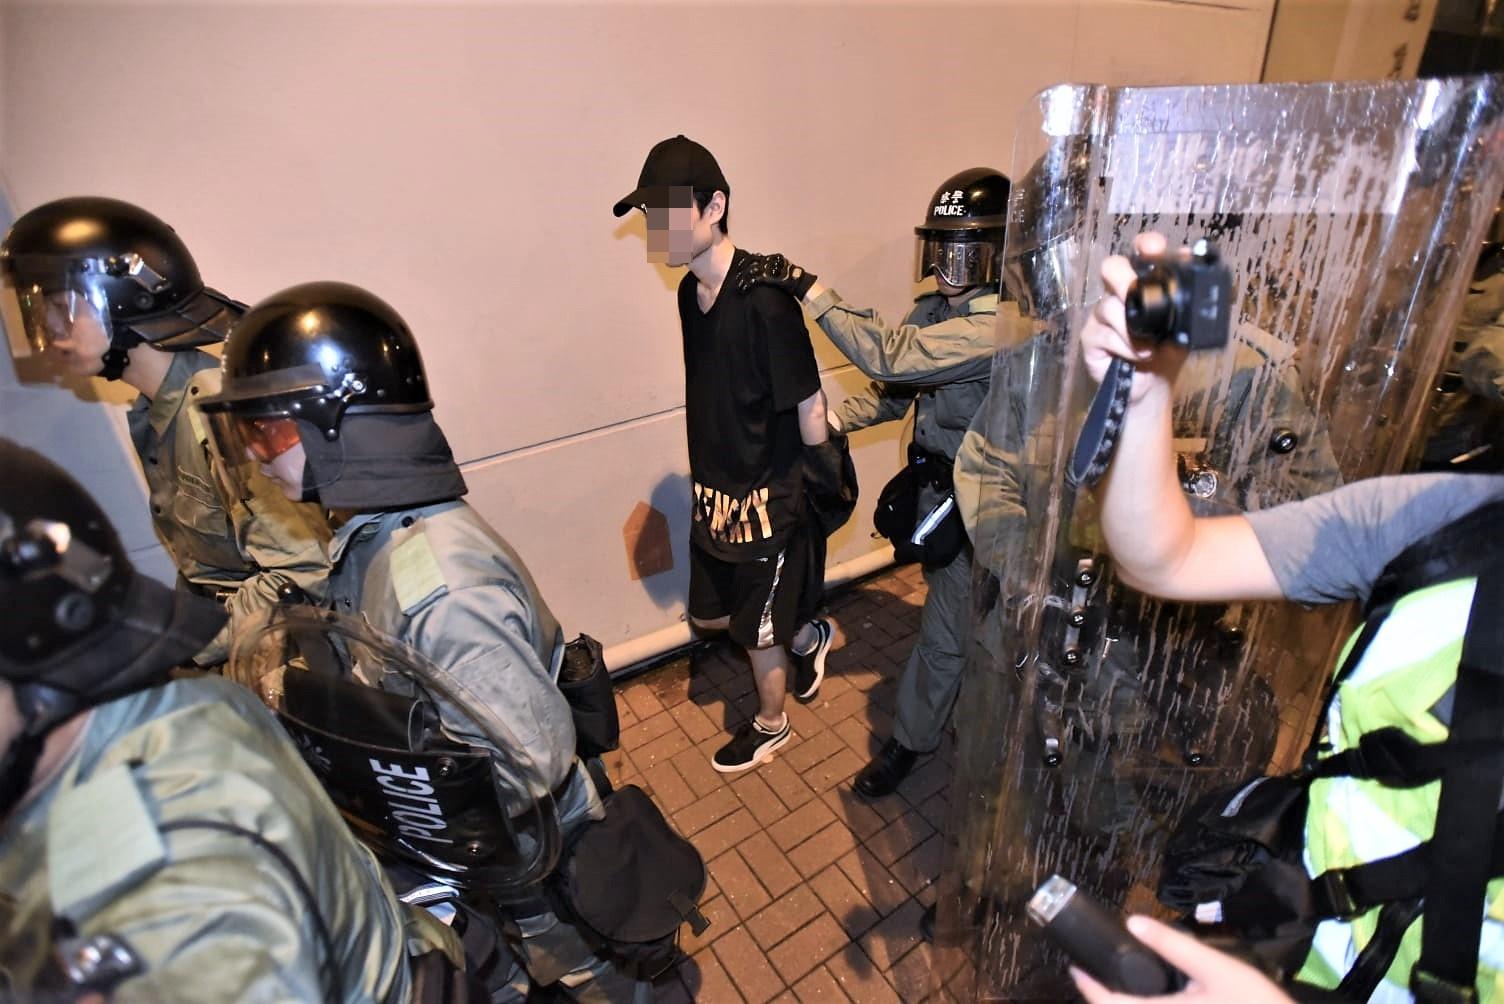 【逃犯條例】防暴警旺角警署外施放催淚彈 拘至少11人